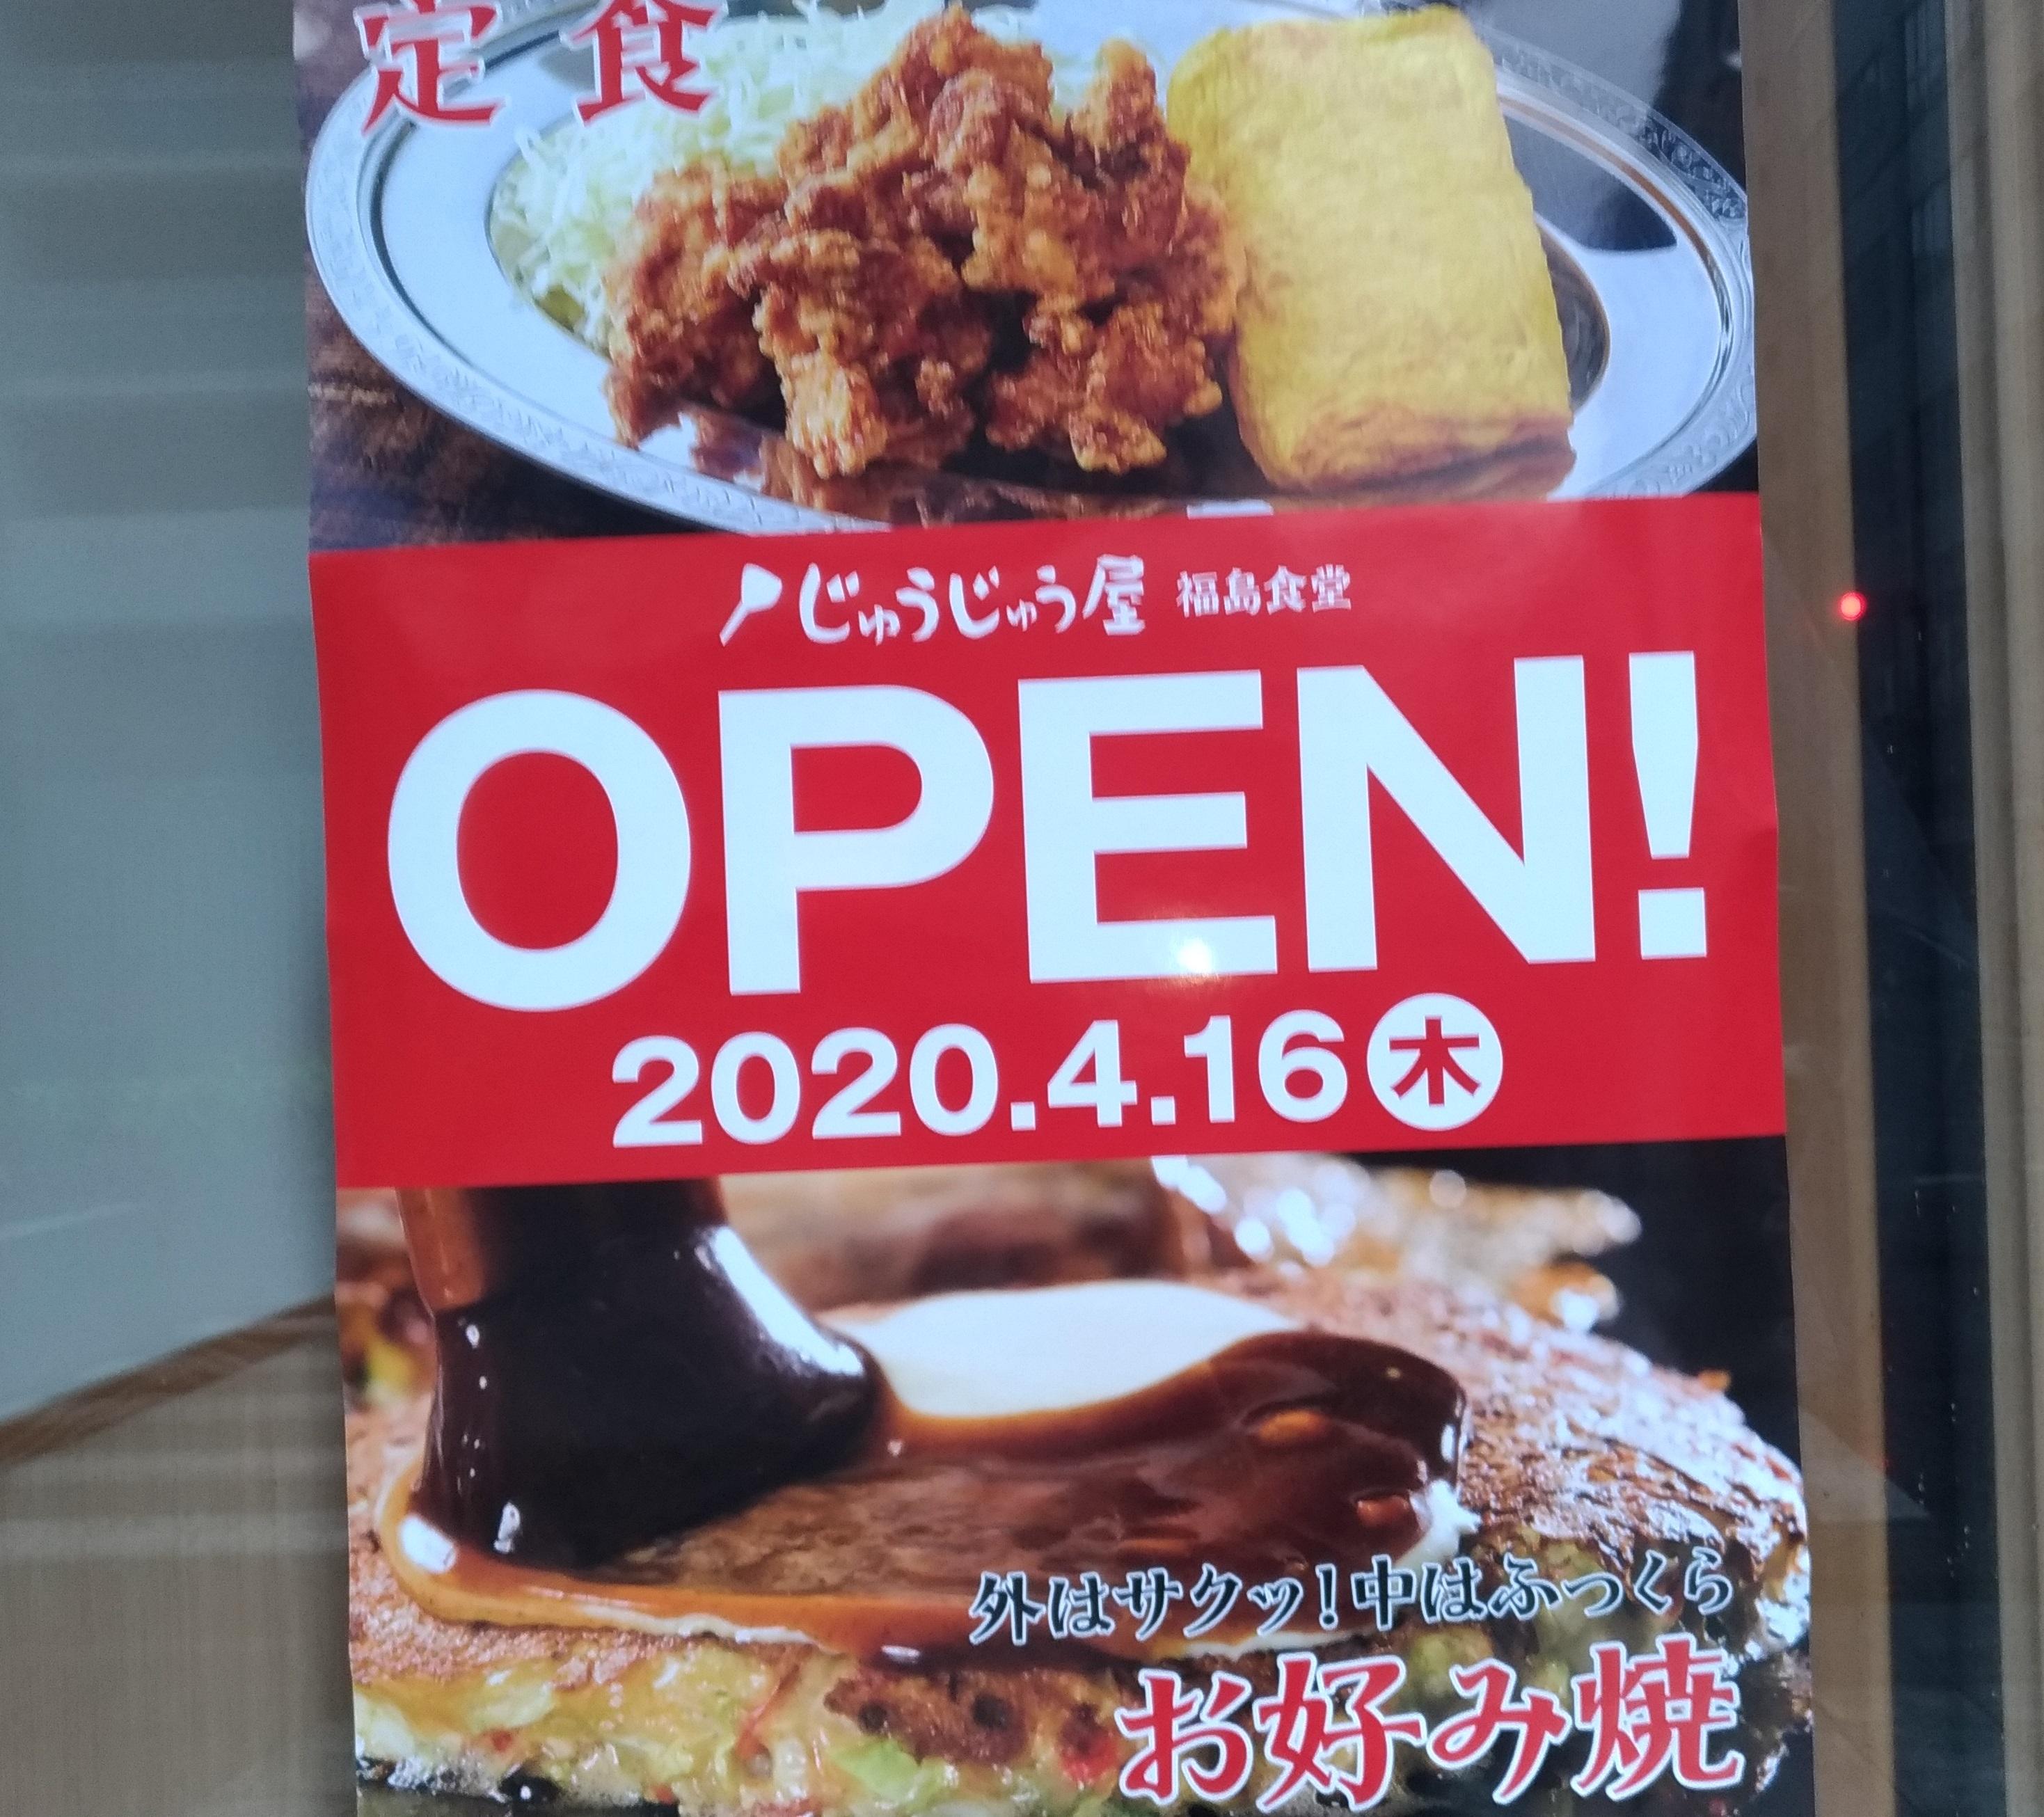 osaka_fukushima_open_shokudo.jpg